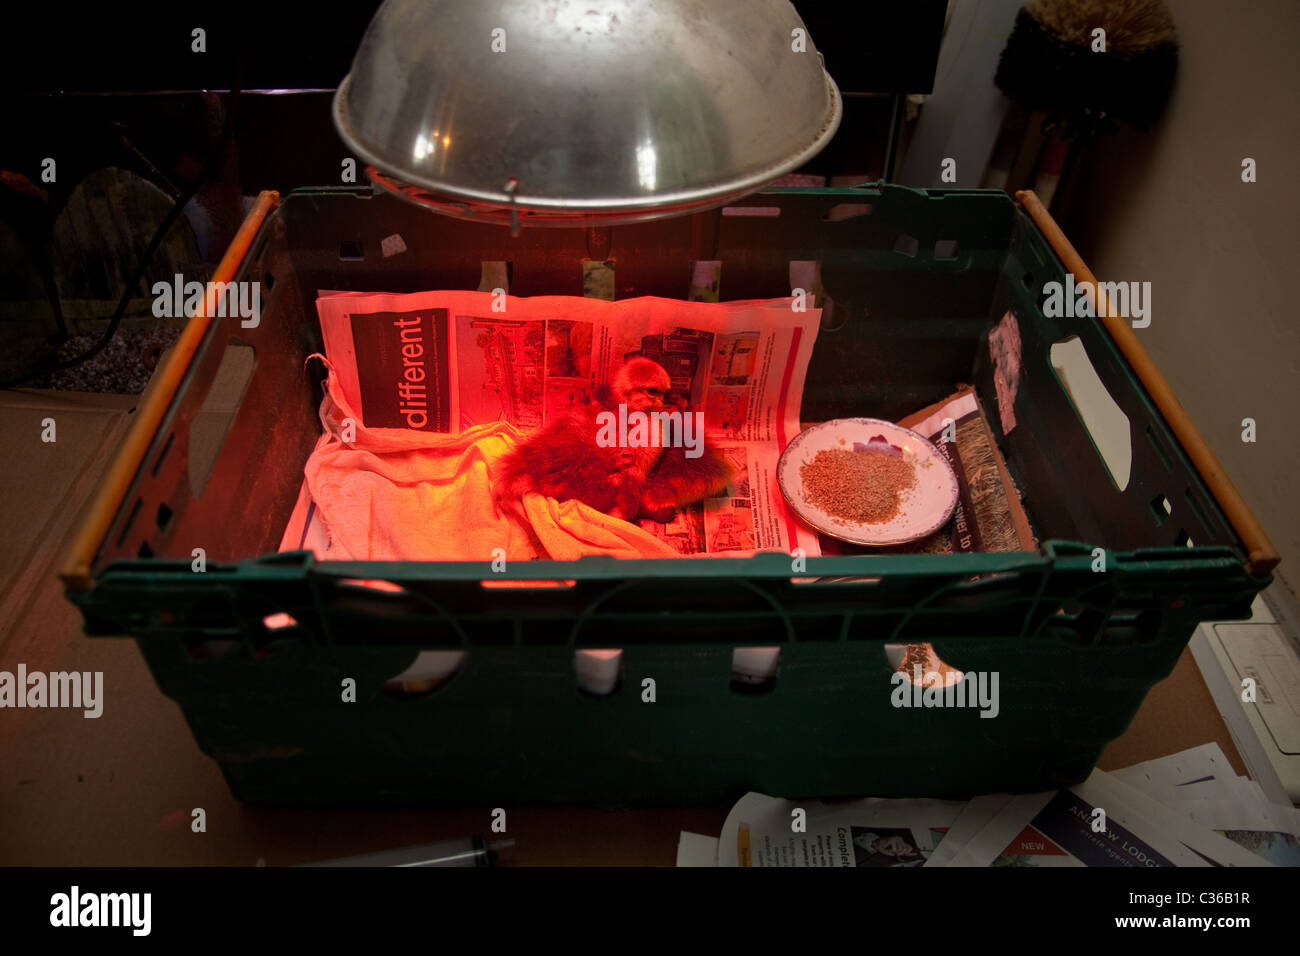 Heat Lamp Stock Photos Amp Heat Lamp Stock Images Alamy